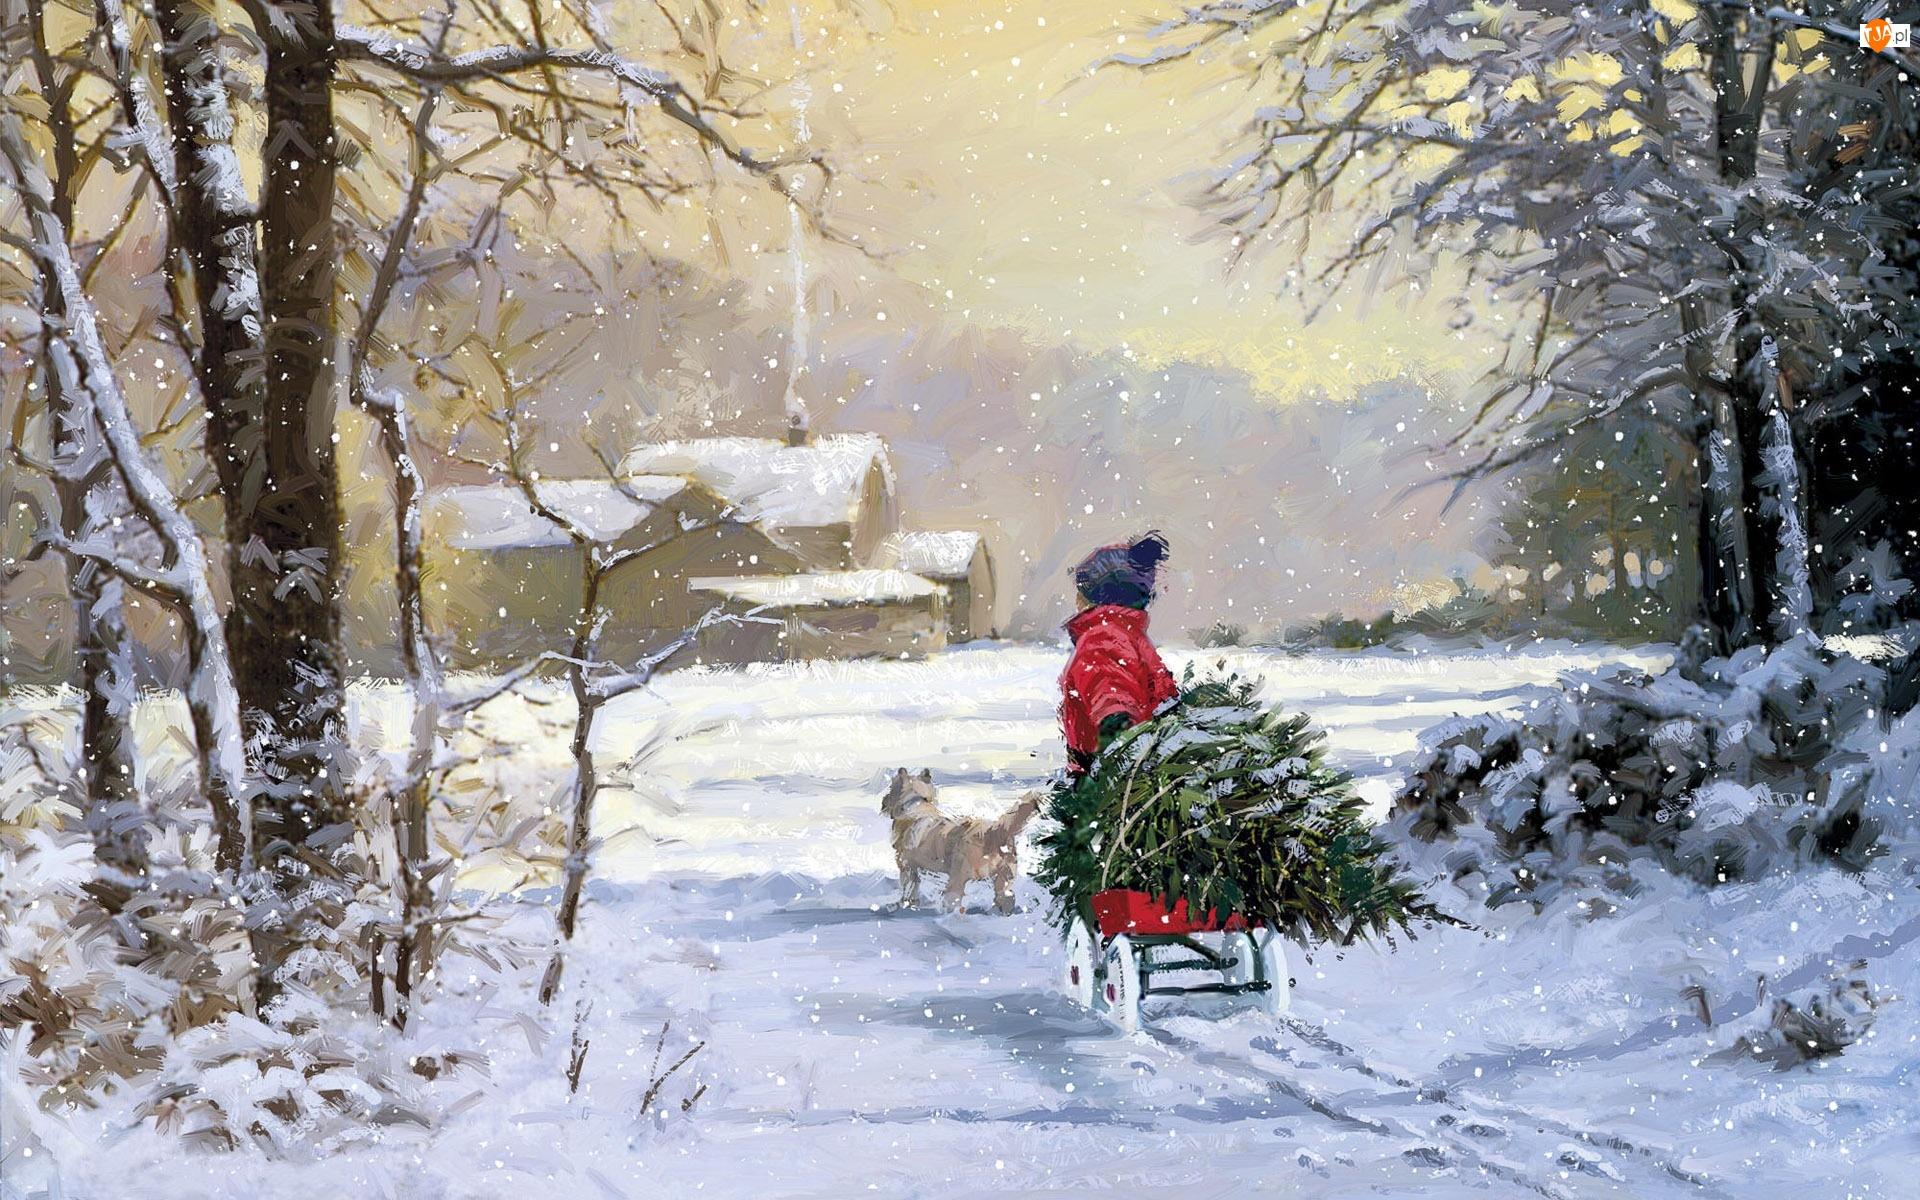 Dziecko, Choinka, Zima, Piesek, Śnieg, Sanki